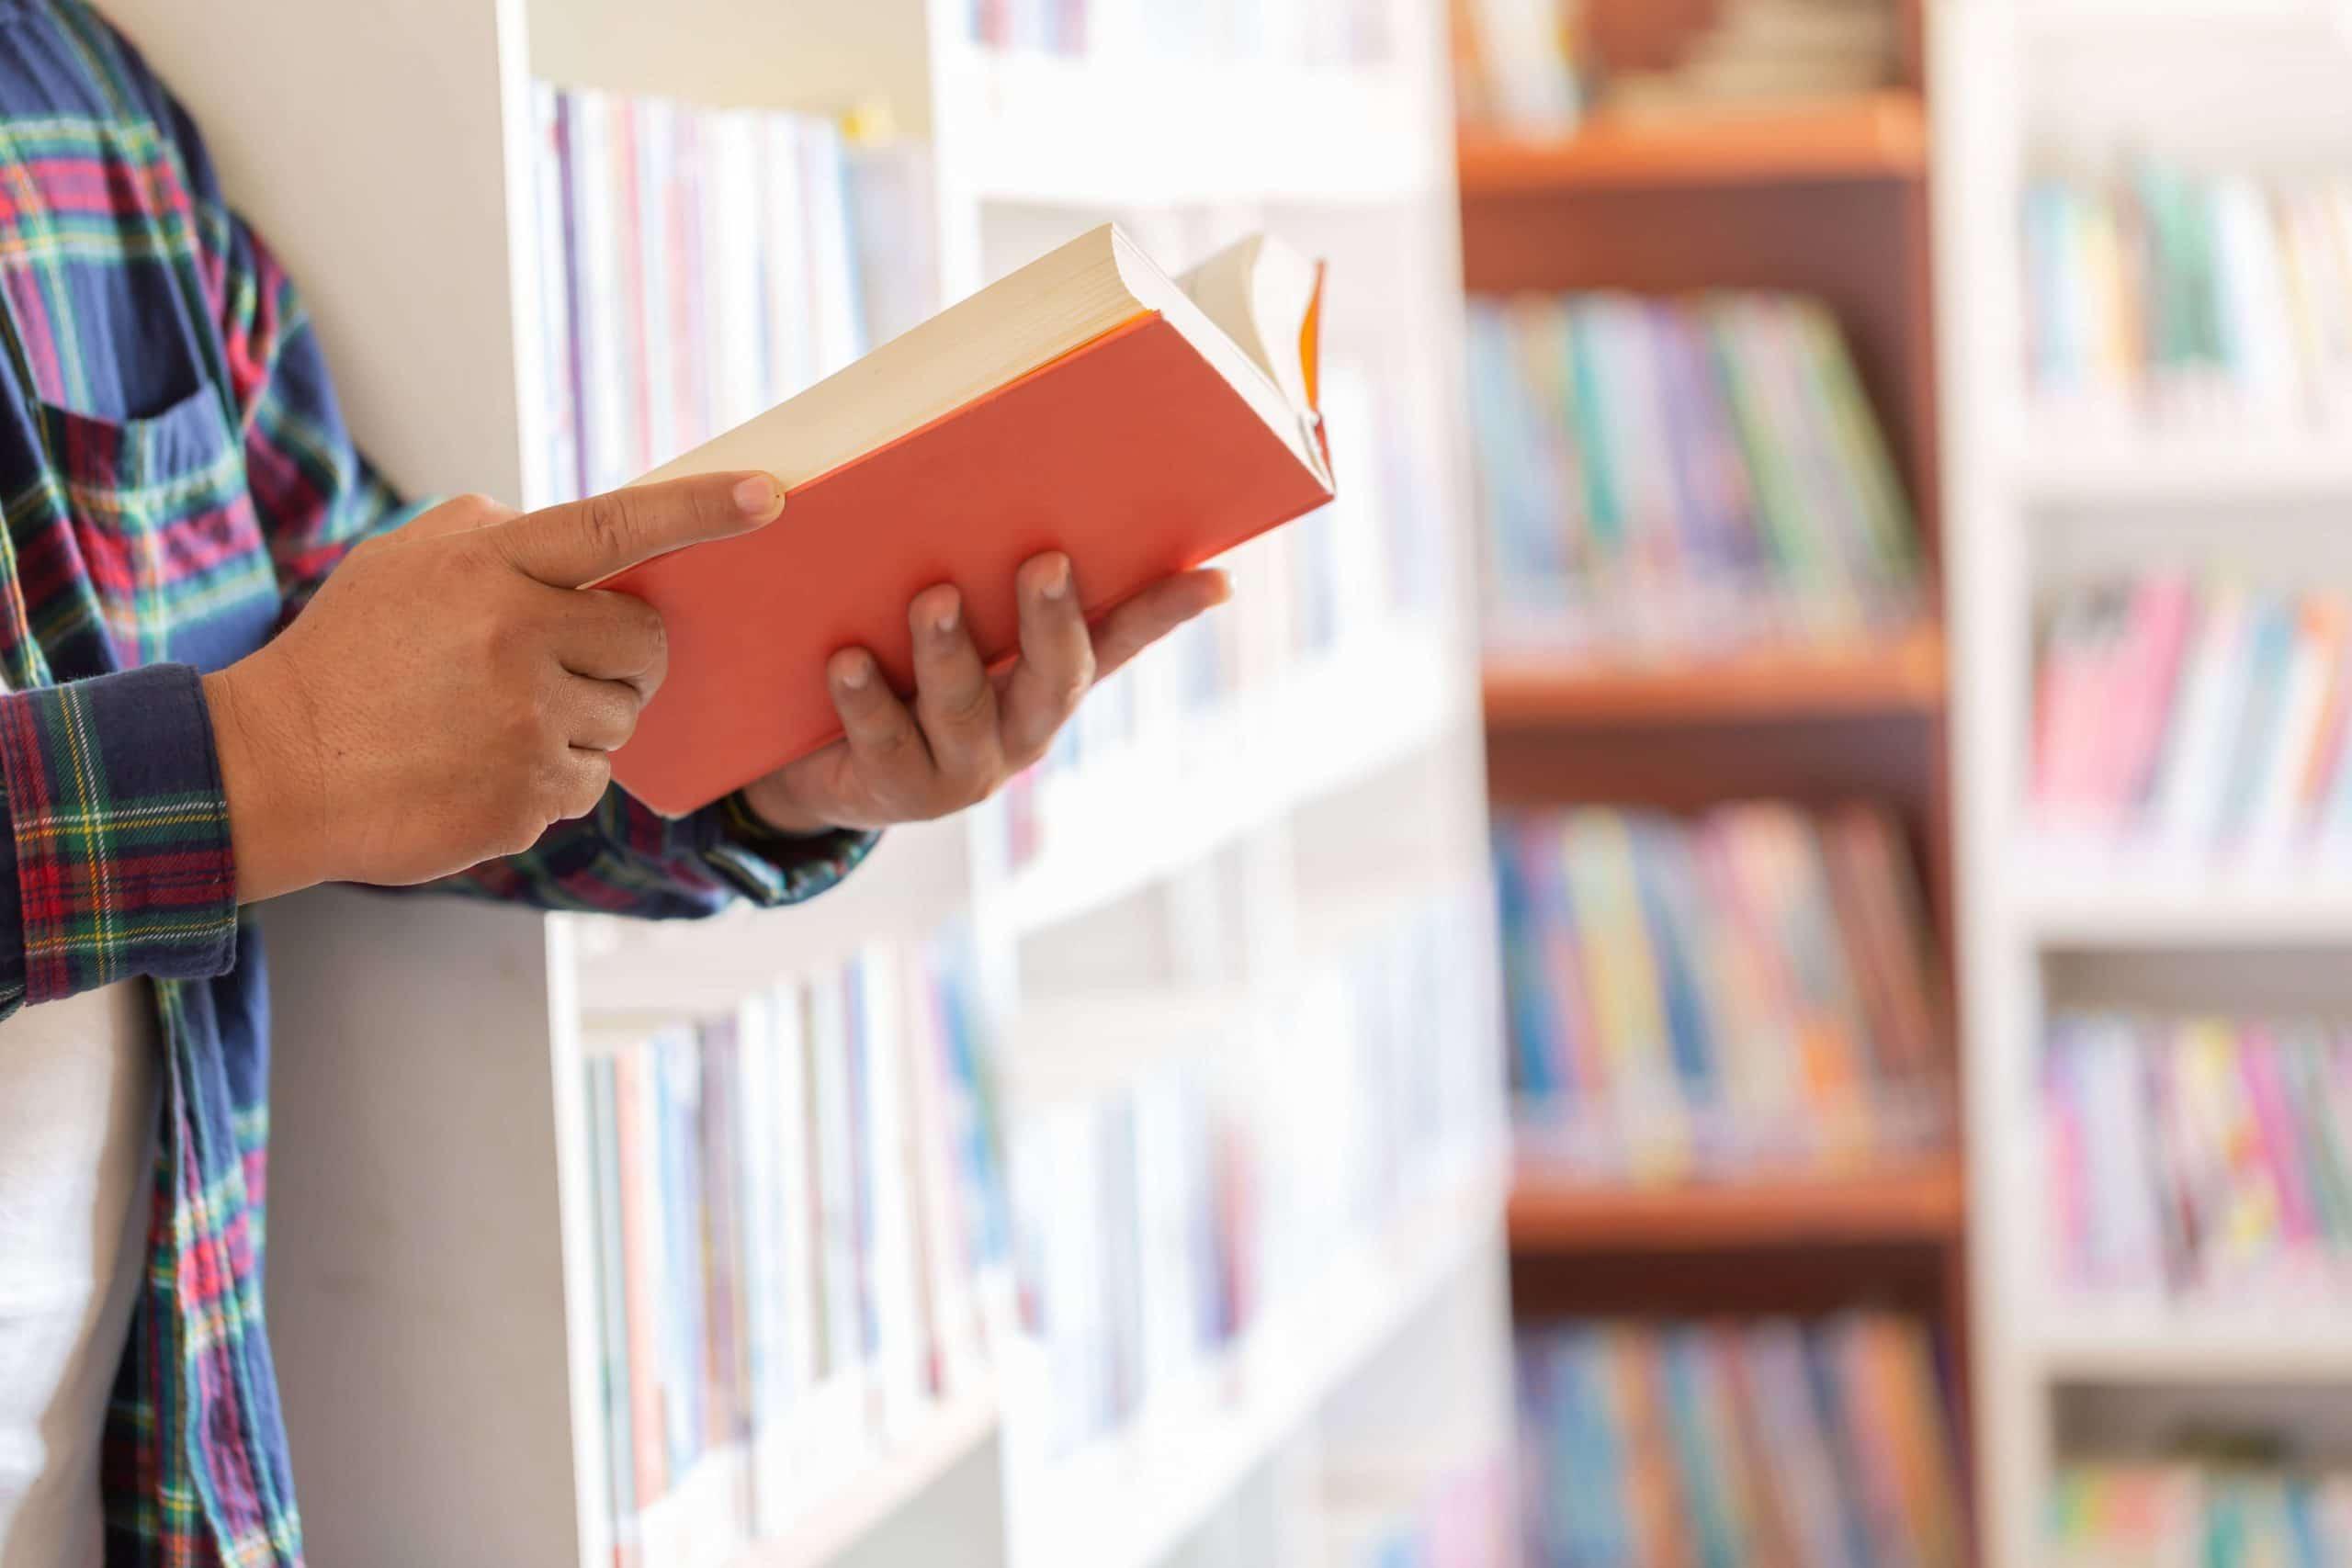 portada 3 emprendedores famosos que leen libros scaled